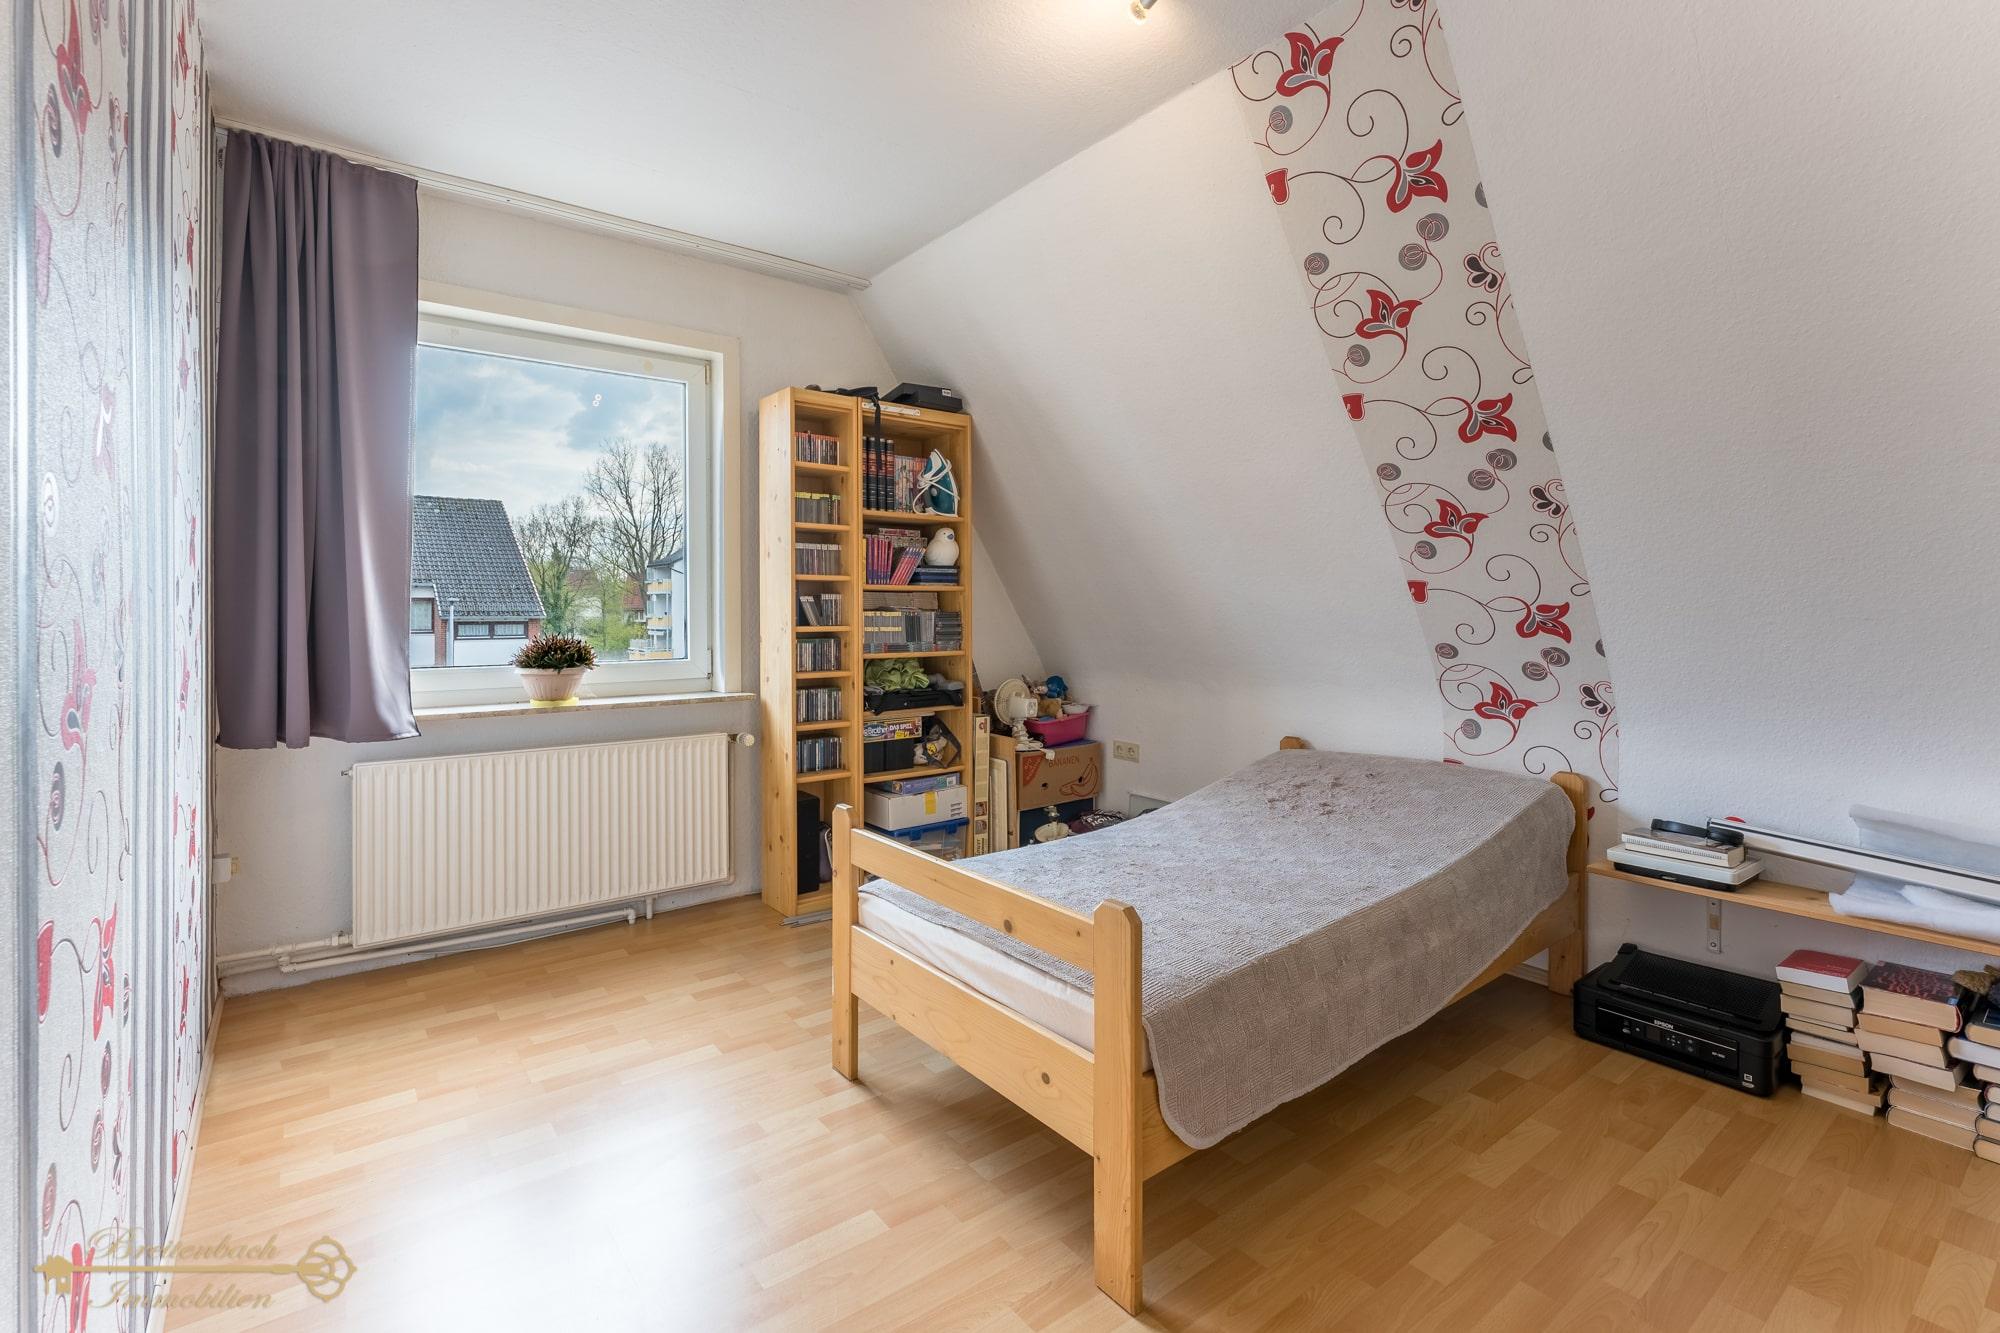 2021-05-01-Breitenbach-Immobilien-Makler-Bremen-25-min